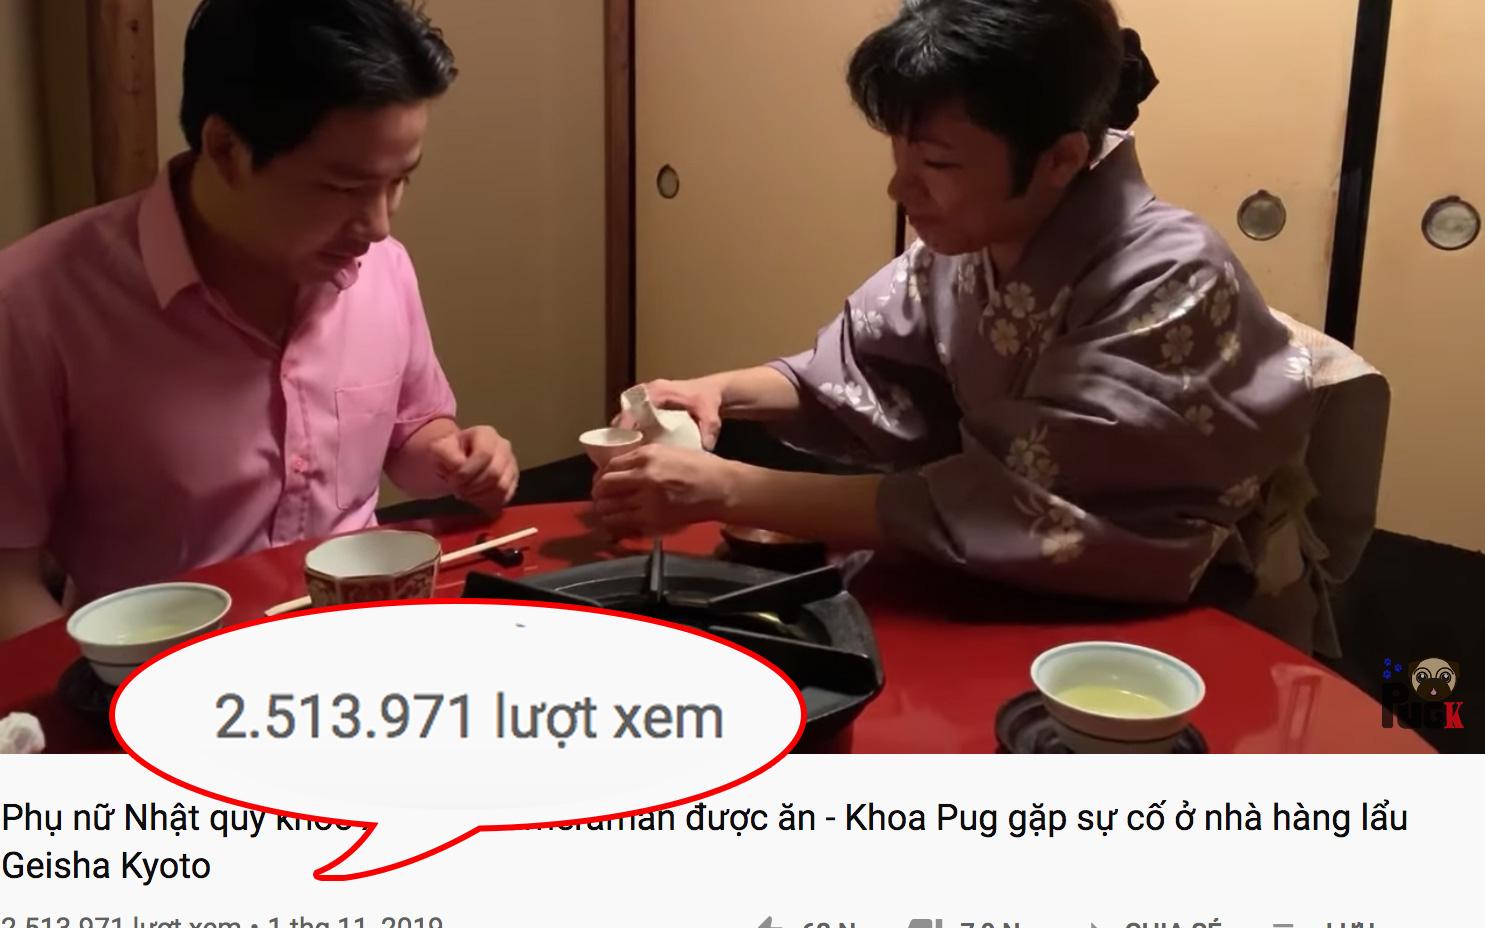 Bất chấp lùm xùm, loạt vlog ở Nhật của Khoa Pug vẫn đạt triệu view và đang tăng mạnh, cao nhất vẫn là video dính ''phốt'' thiếu tôn trọng phụ nữ